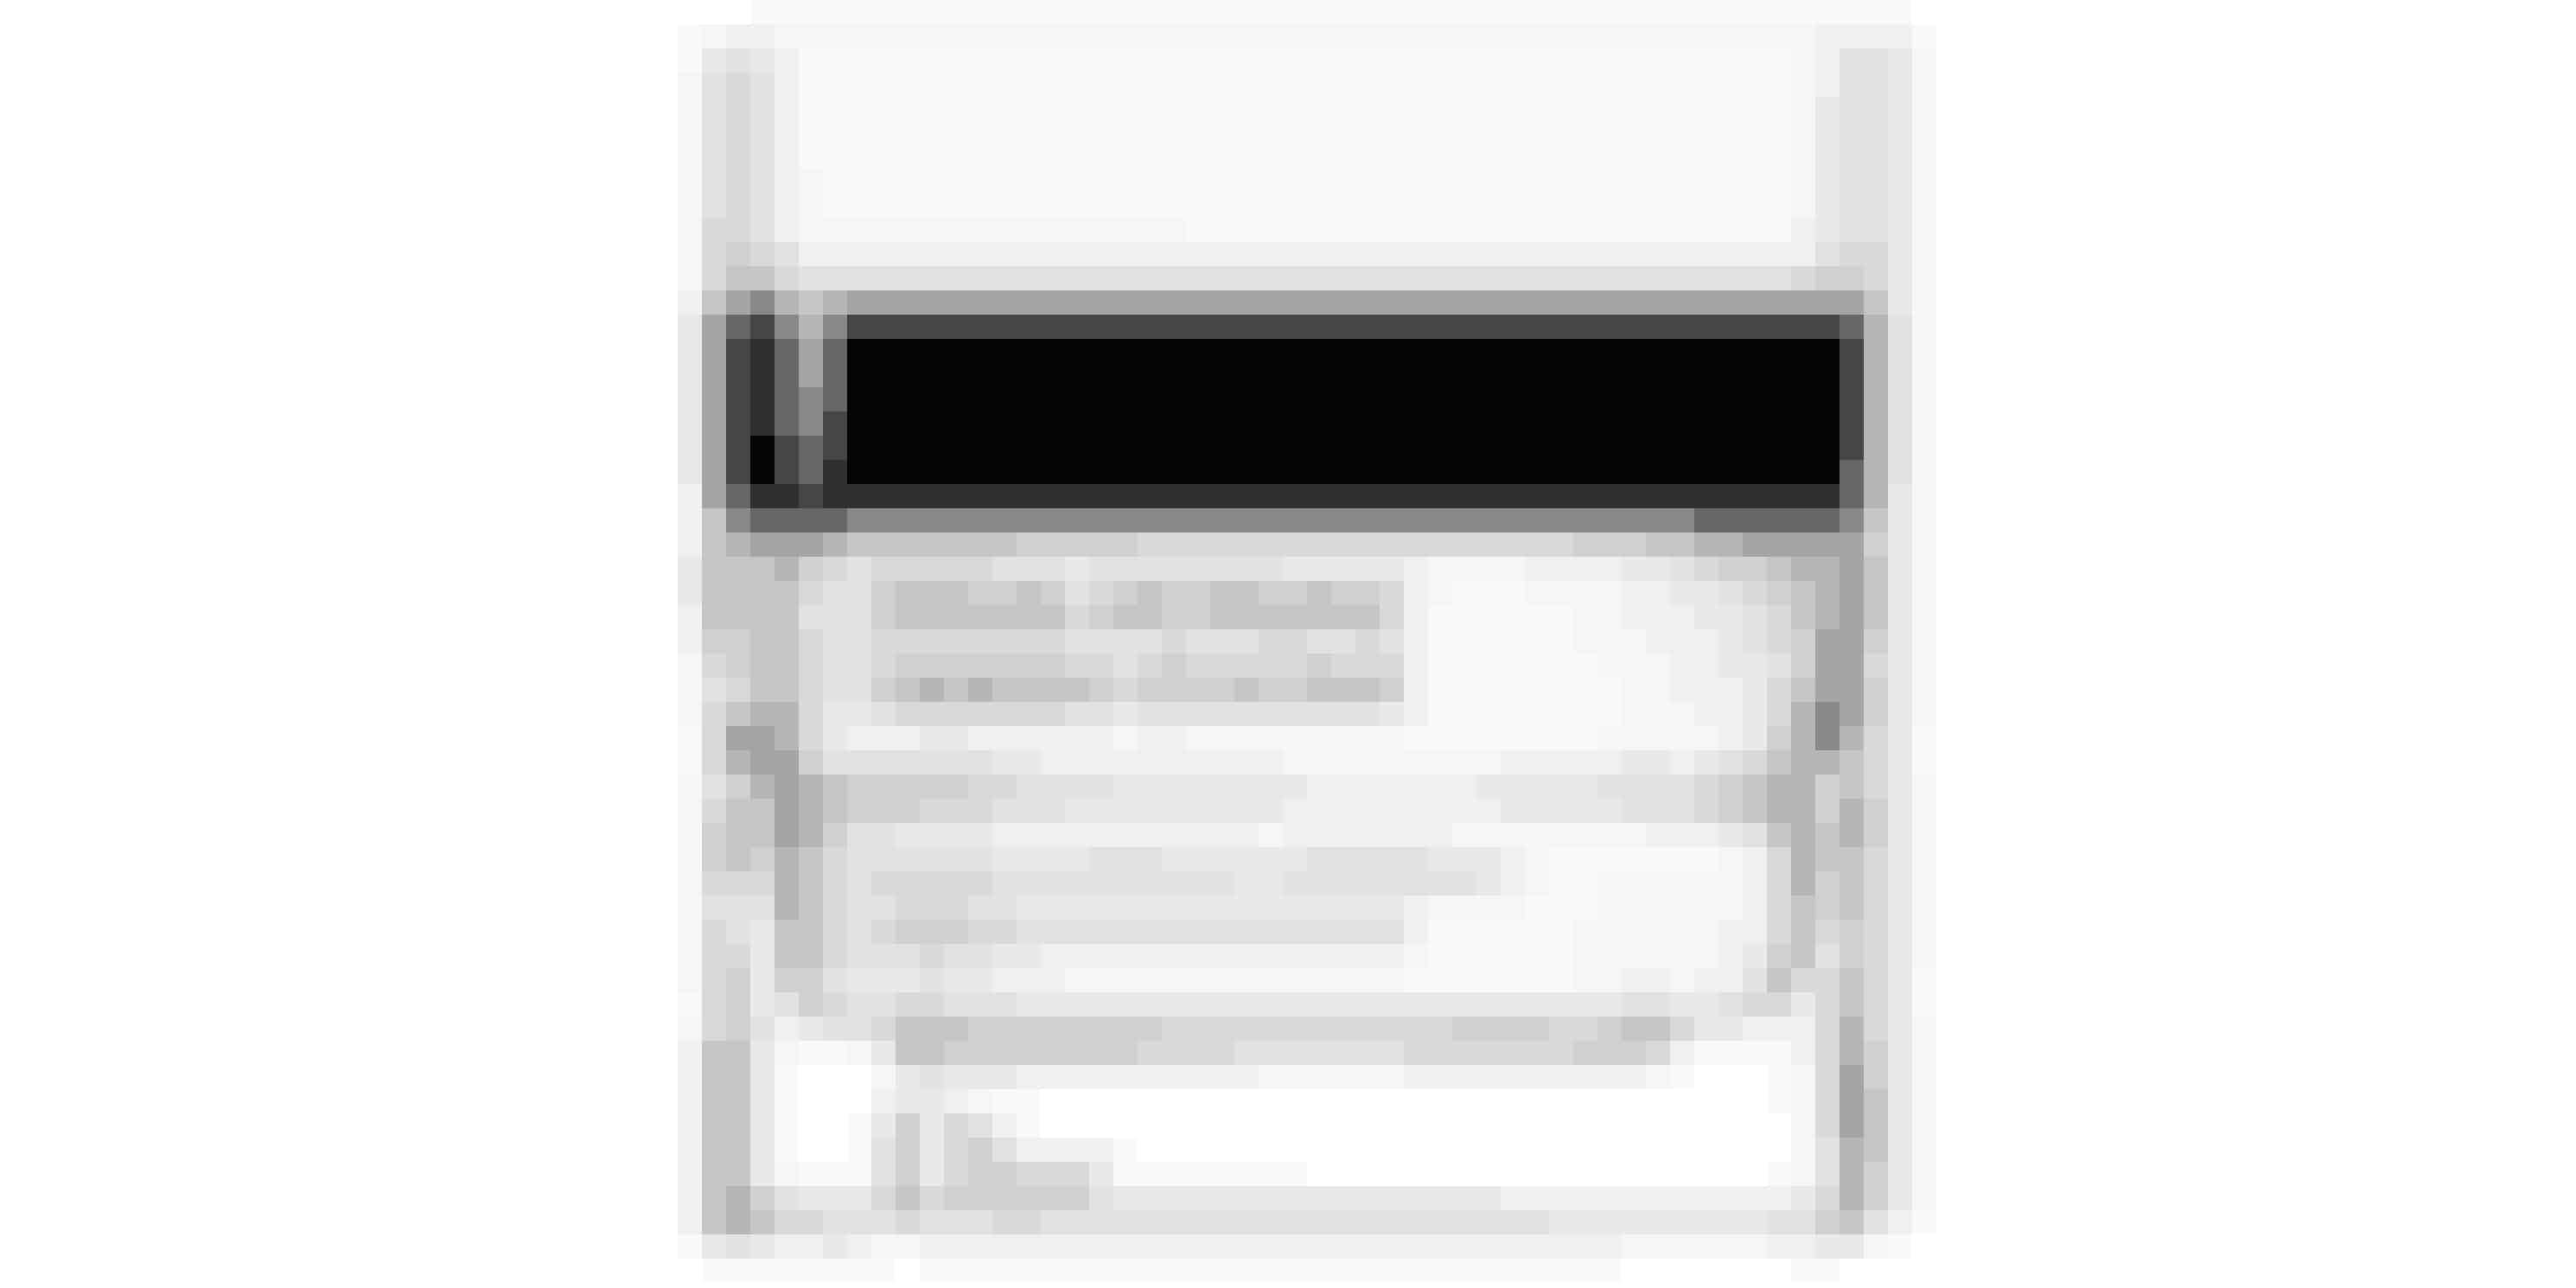 Regenerating Moisturizing Balm, DIOR HOMME, 50 ml, 540 kr.Købes online HER